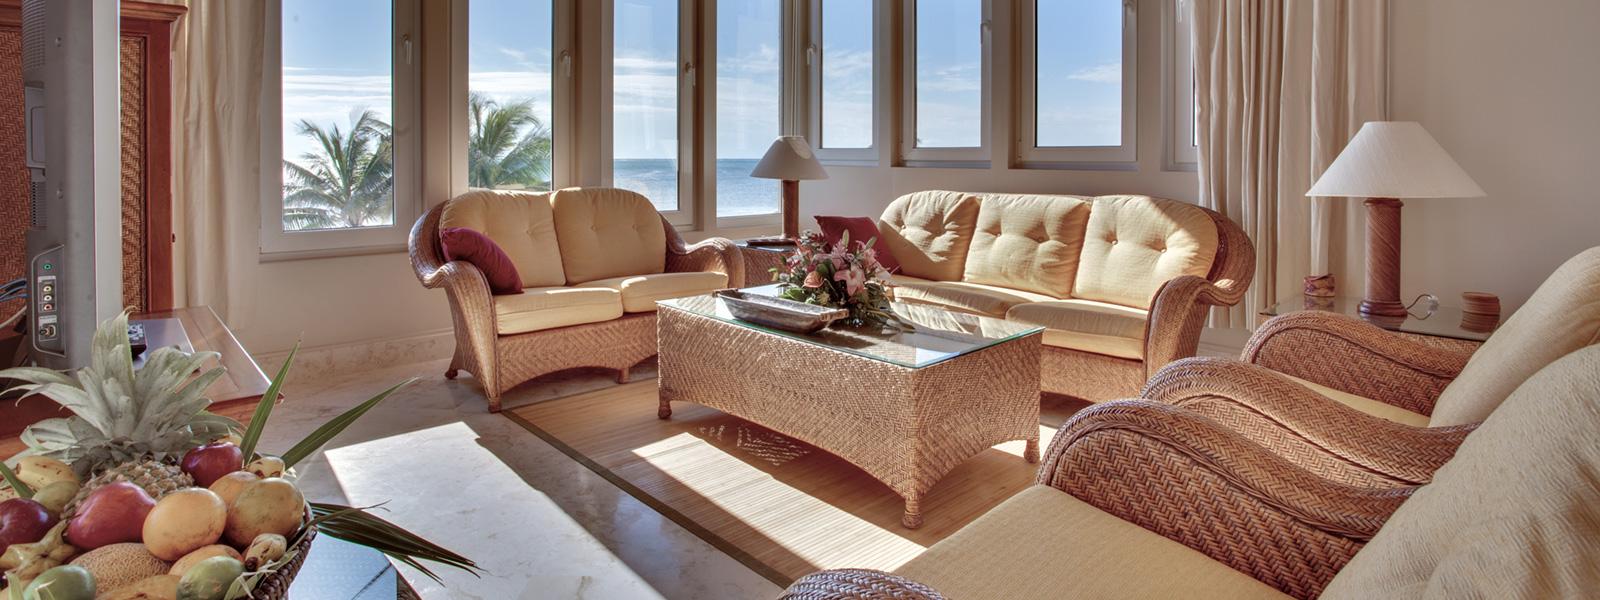 Belize Vacation Rentals Villa del Mar Living Room